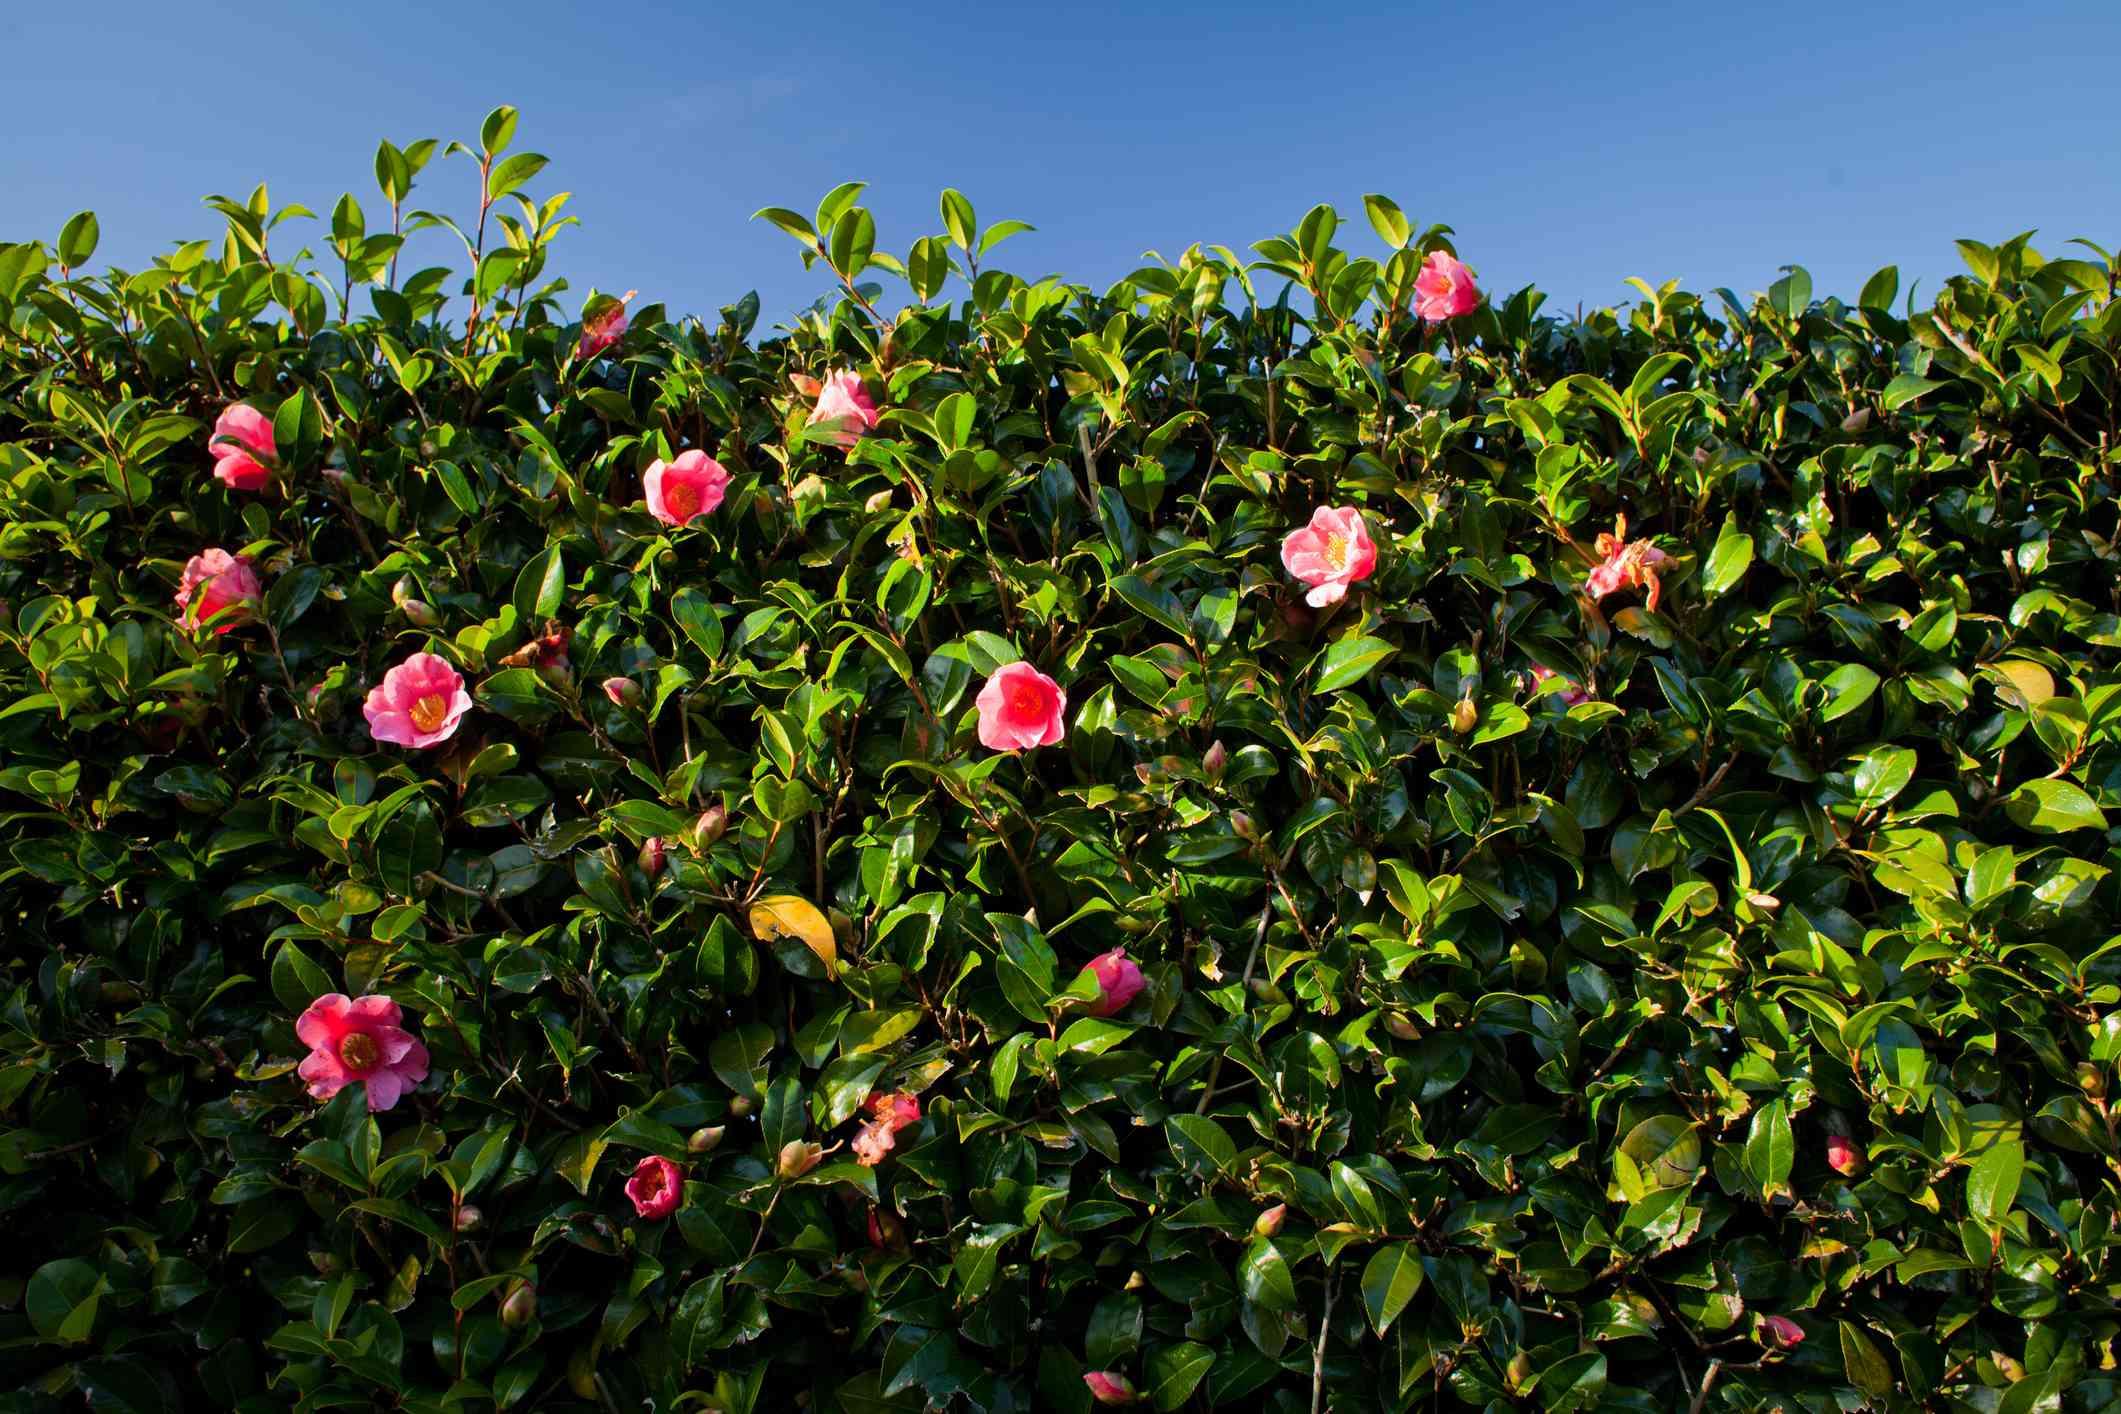 A tall camellia hedge